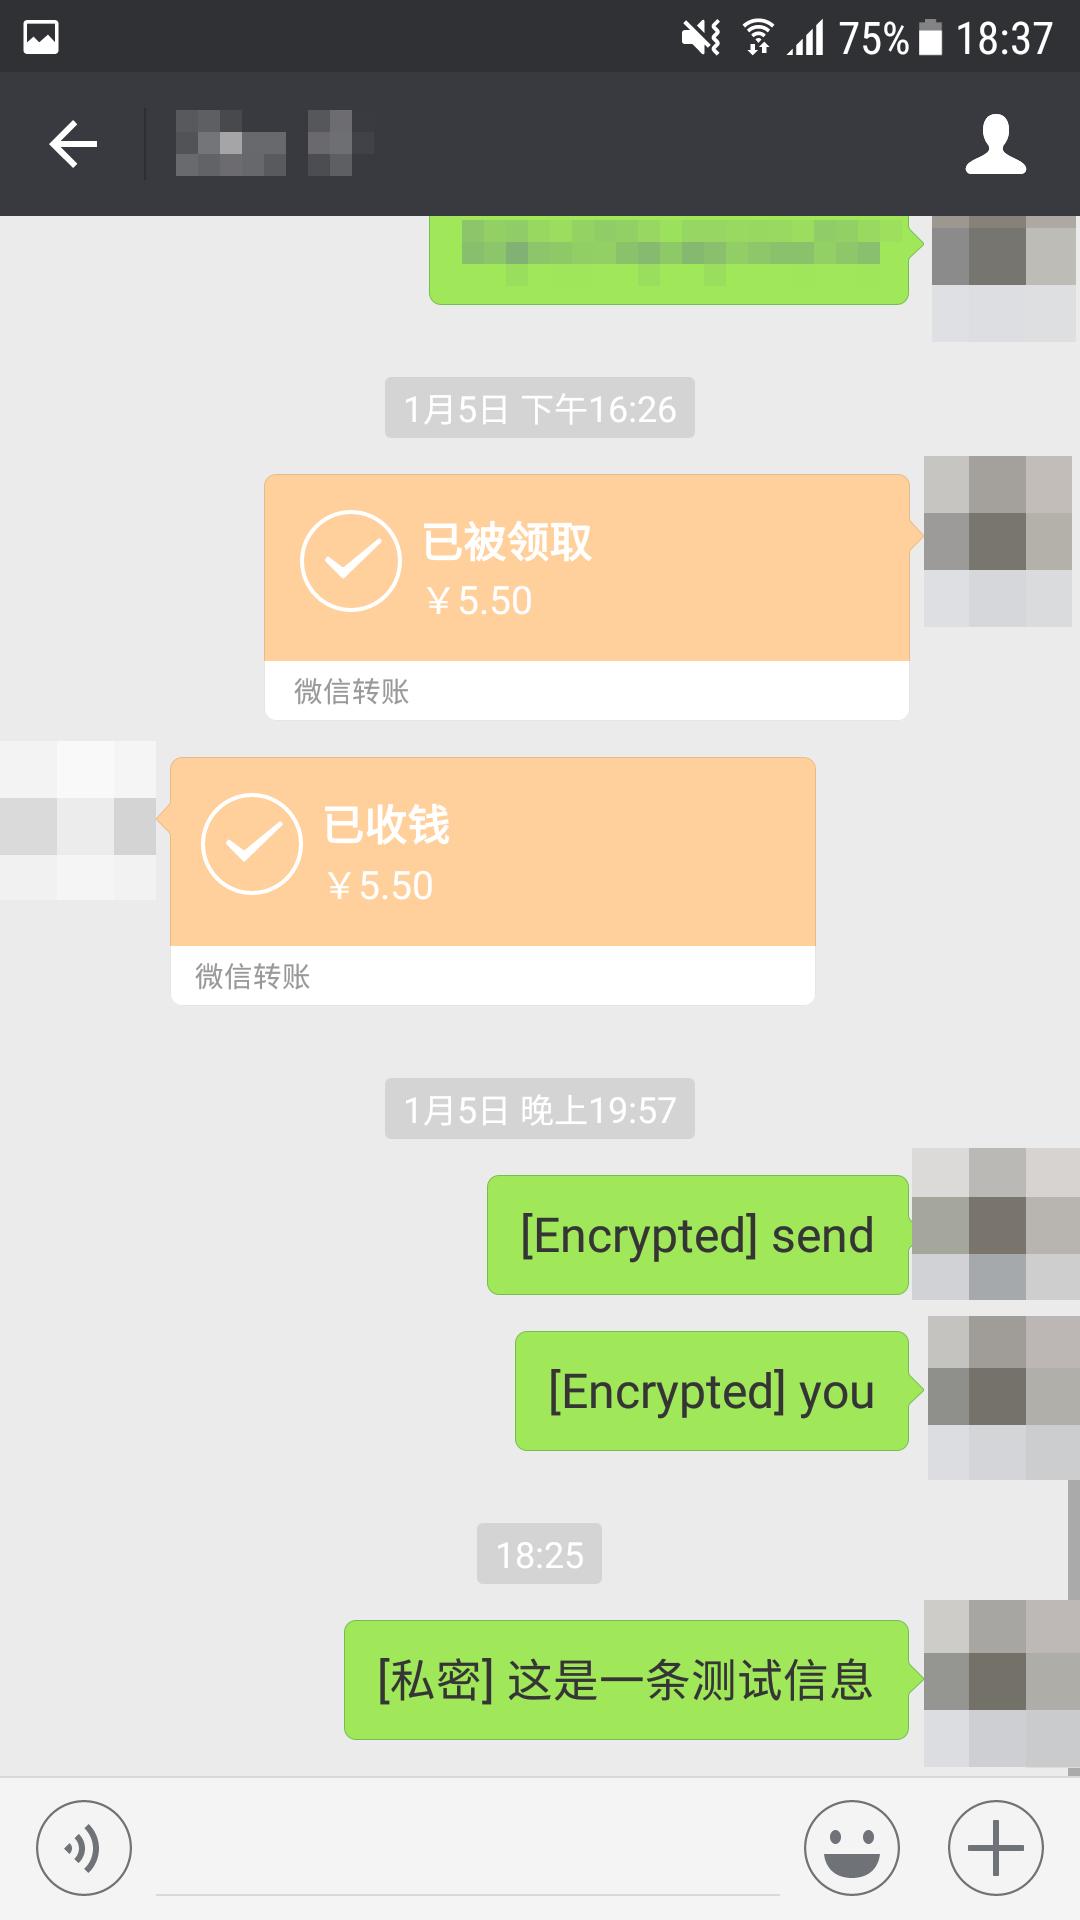 微信偷看聊天记录?看完这篇你就不怕了